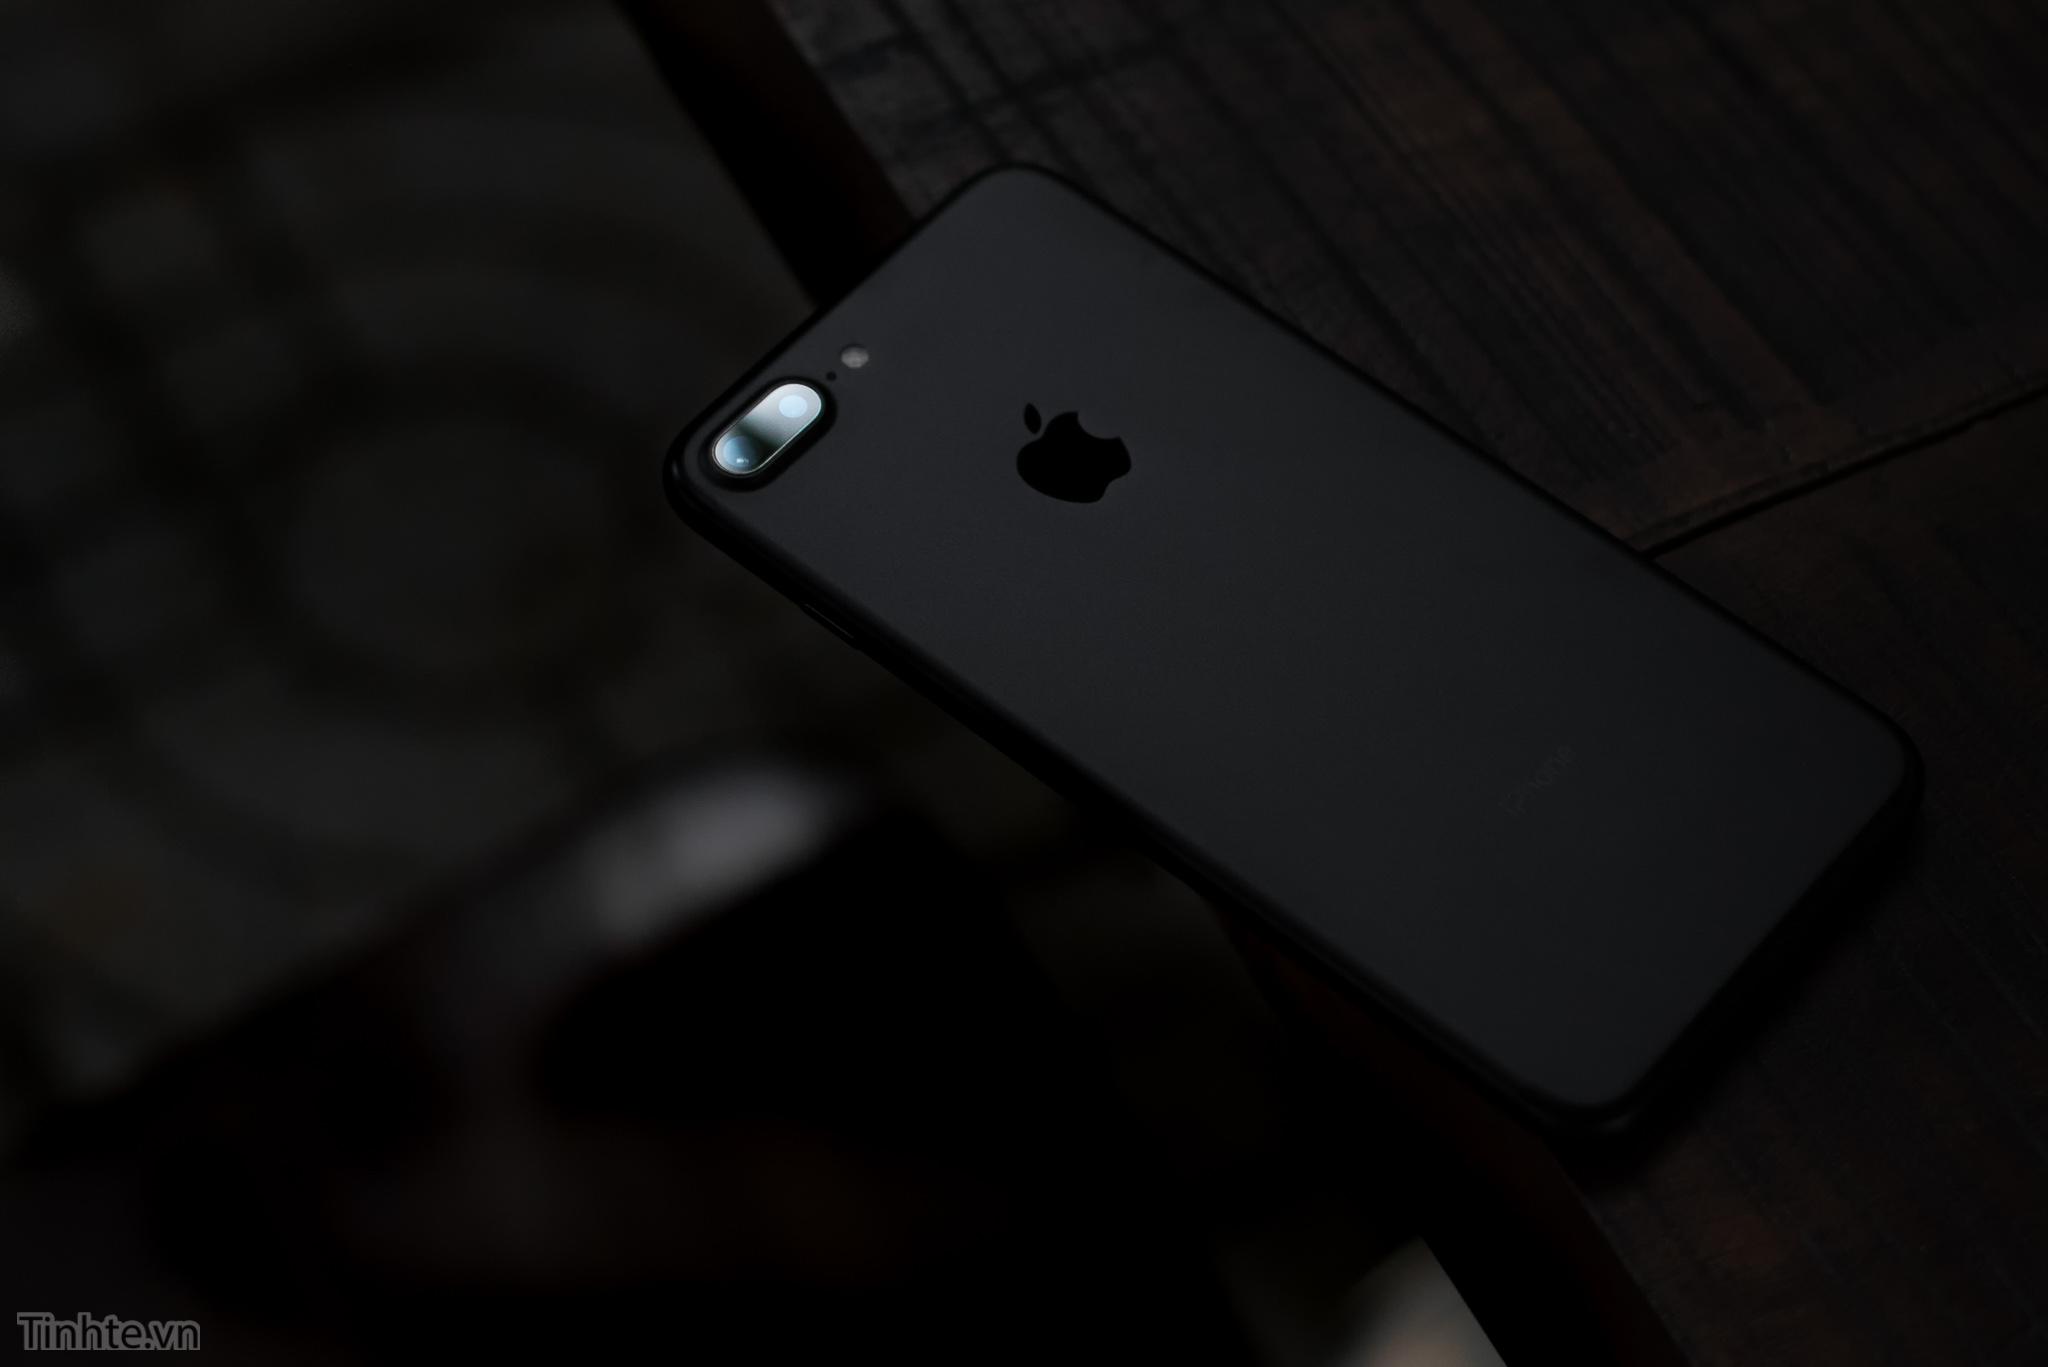 iPhone_7_Plus_camera.jpg